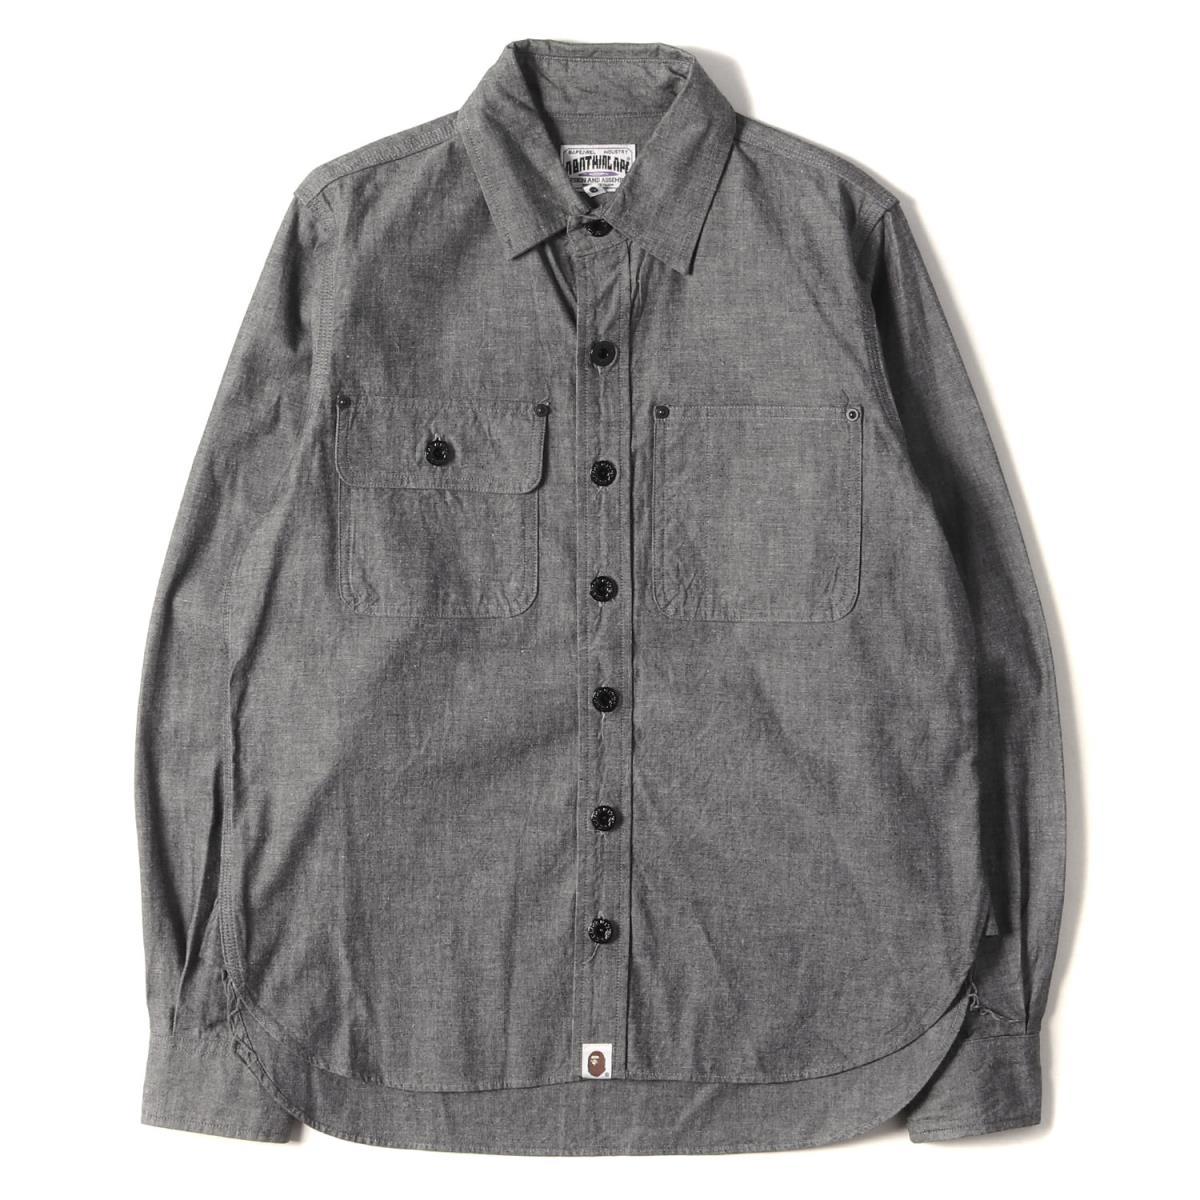 送料無料でお届けします ア ベイシング キャンペーンもお見逃しなく エイプ シャンブレーワークシャツ 長袖 APE シャツ K3025 メンズ 美品 S ブラック 中古